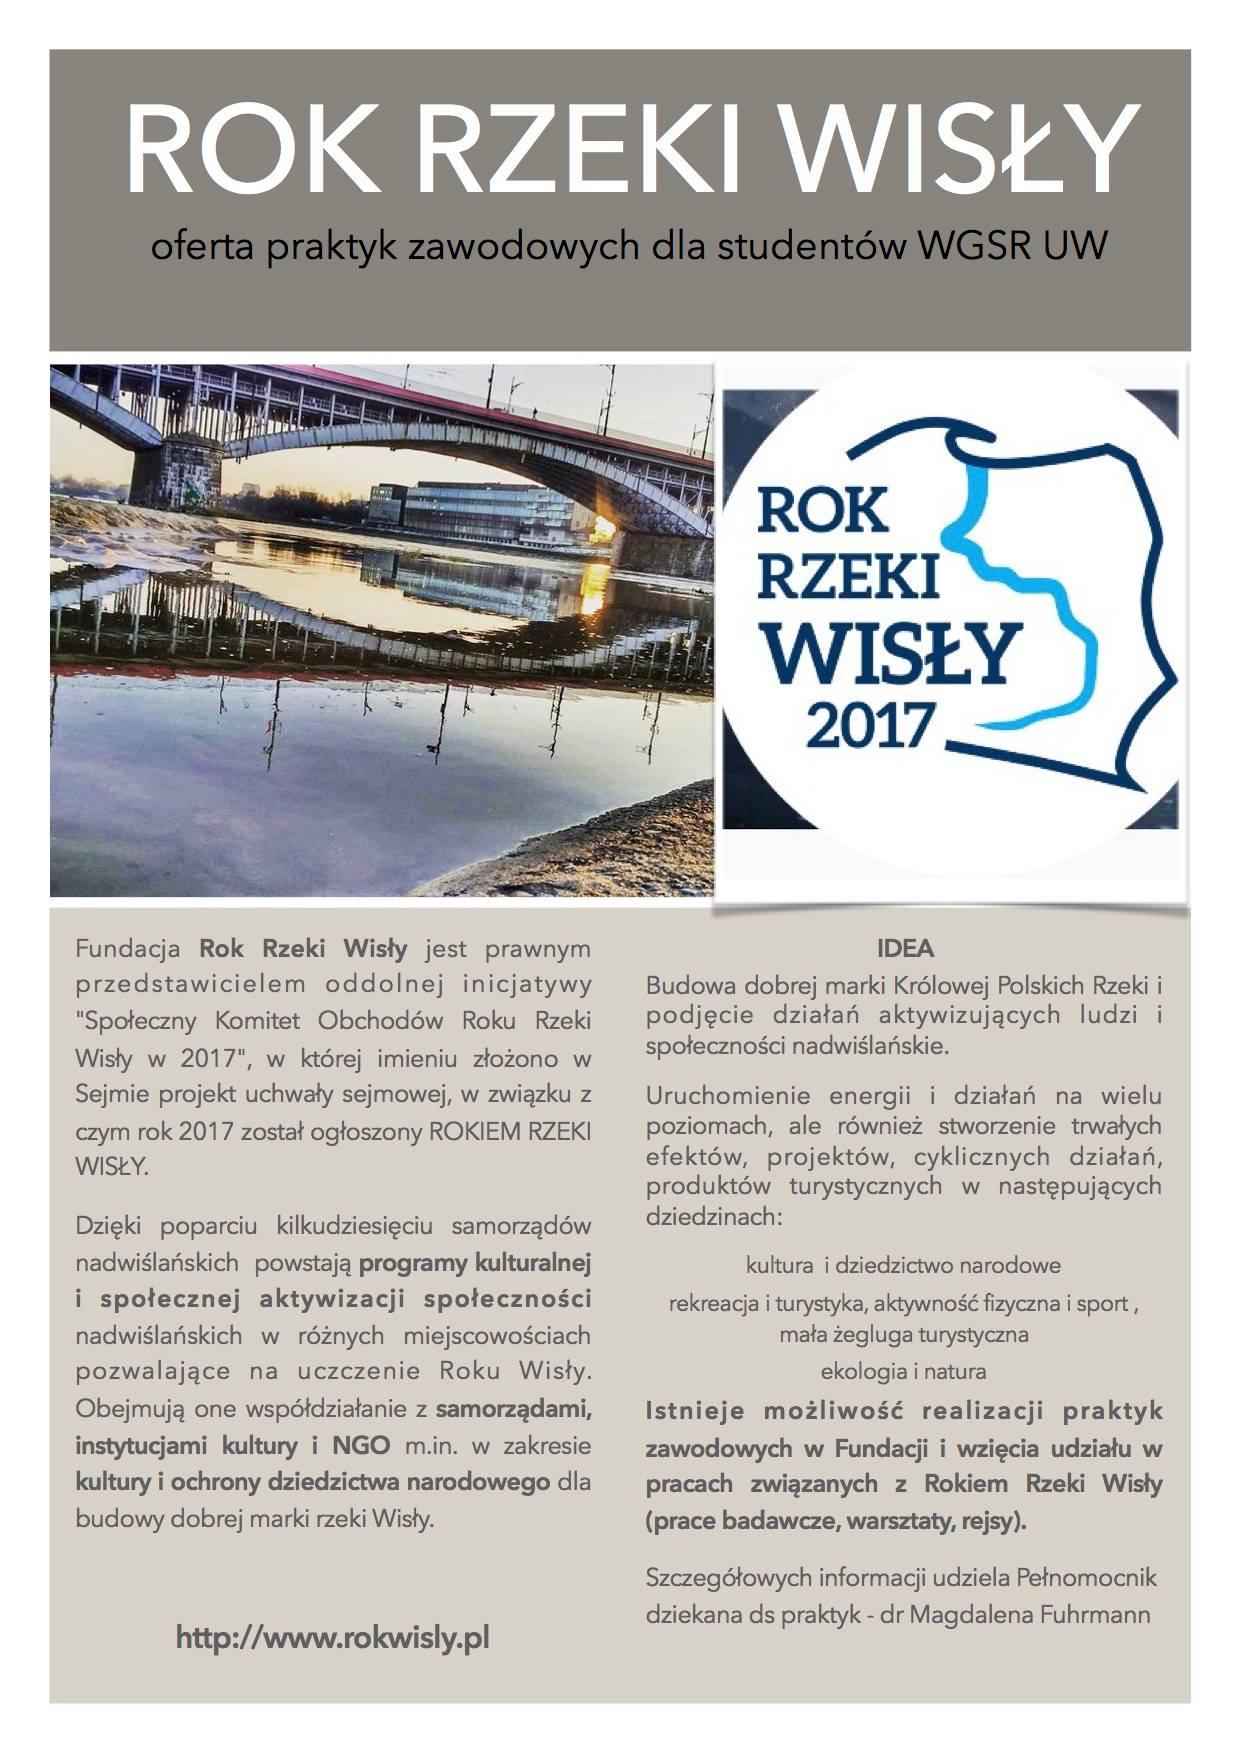 Oferta praktyk zawodowych dla studentów WGSR UW